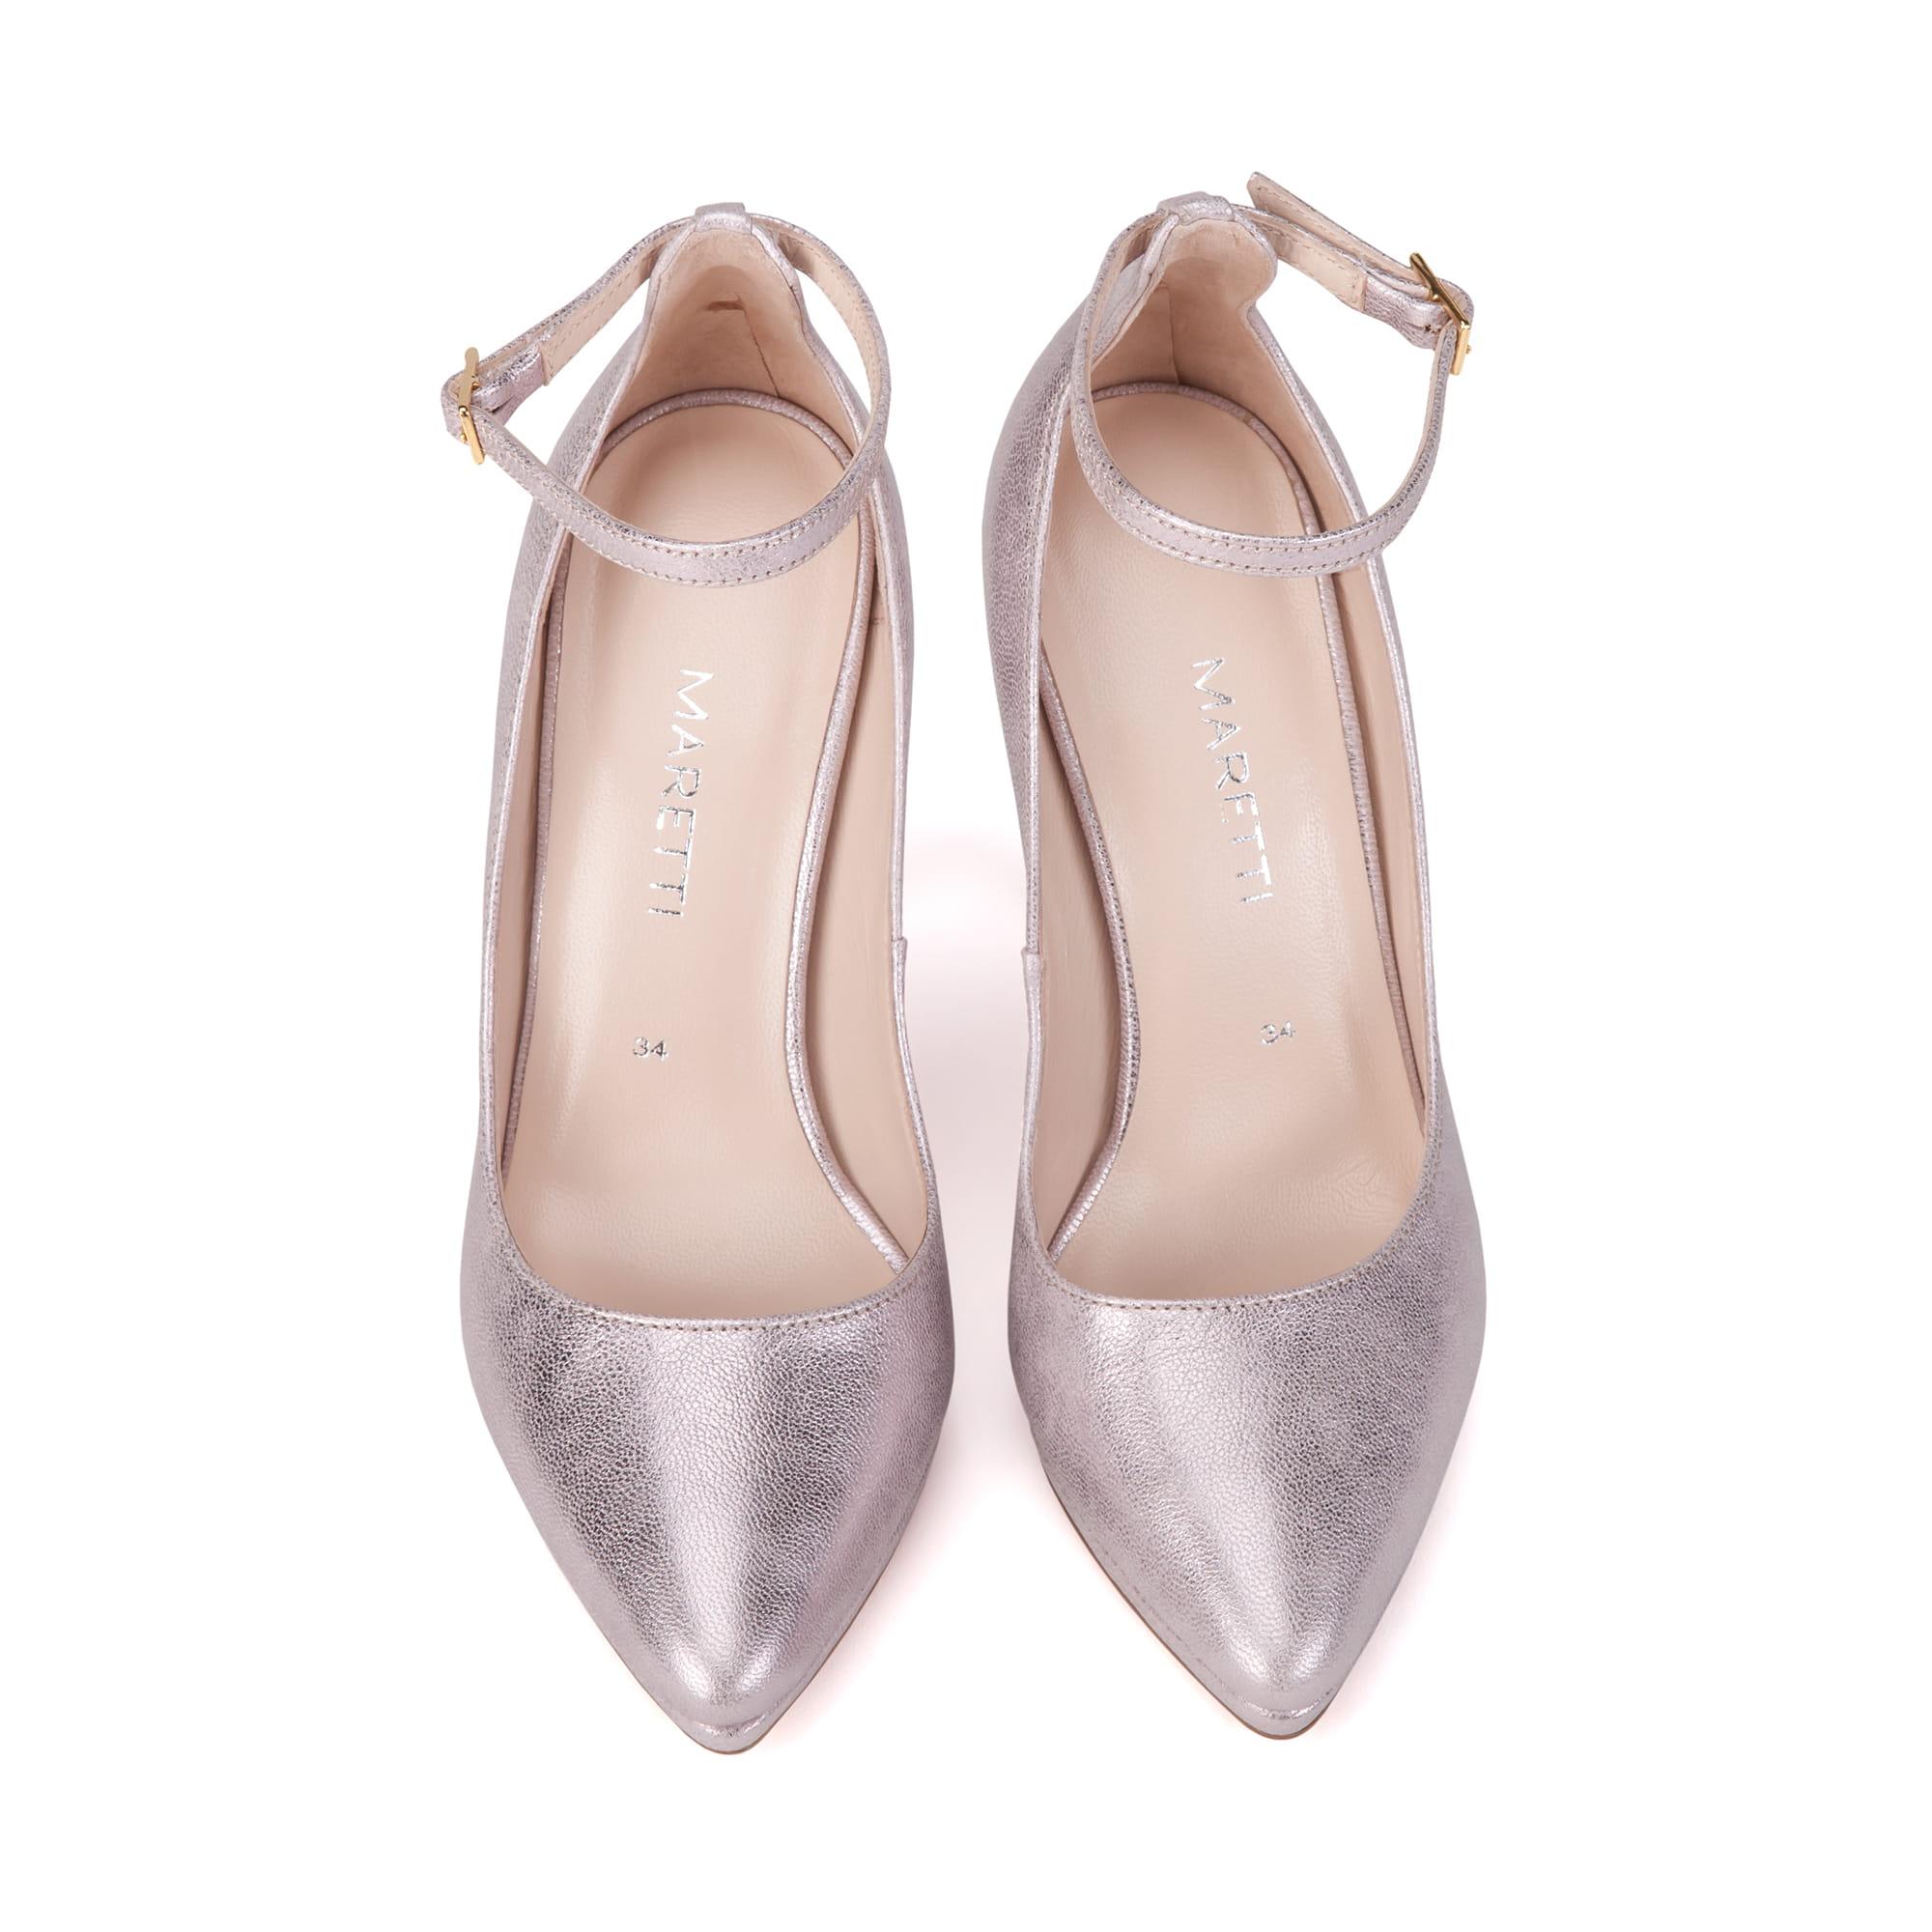 5e5cb18e MARETTI PETITE SHOES 1401-16; Małe buty damskie. Małe rozmiary 32-35. MARETTI  PETITE SHOES 1401-16